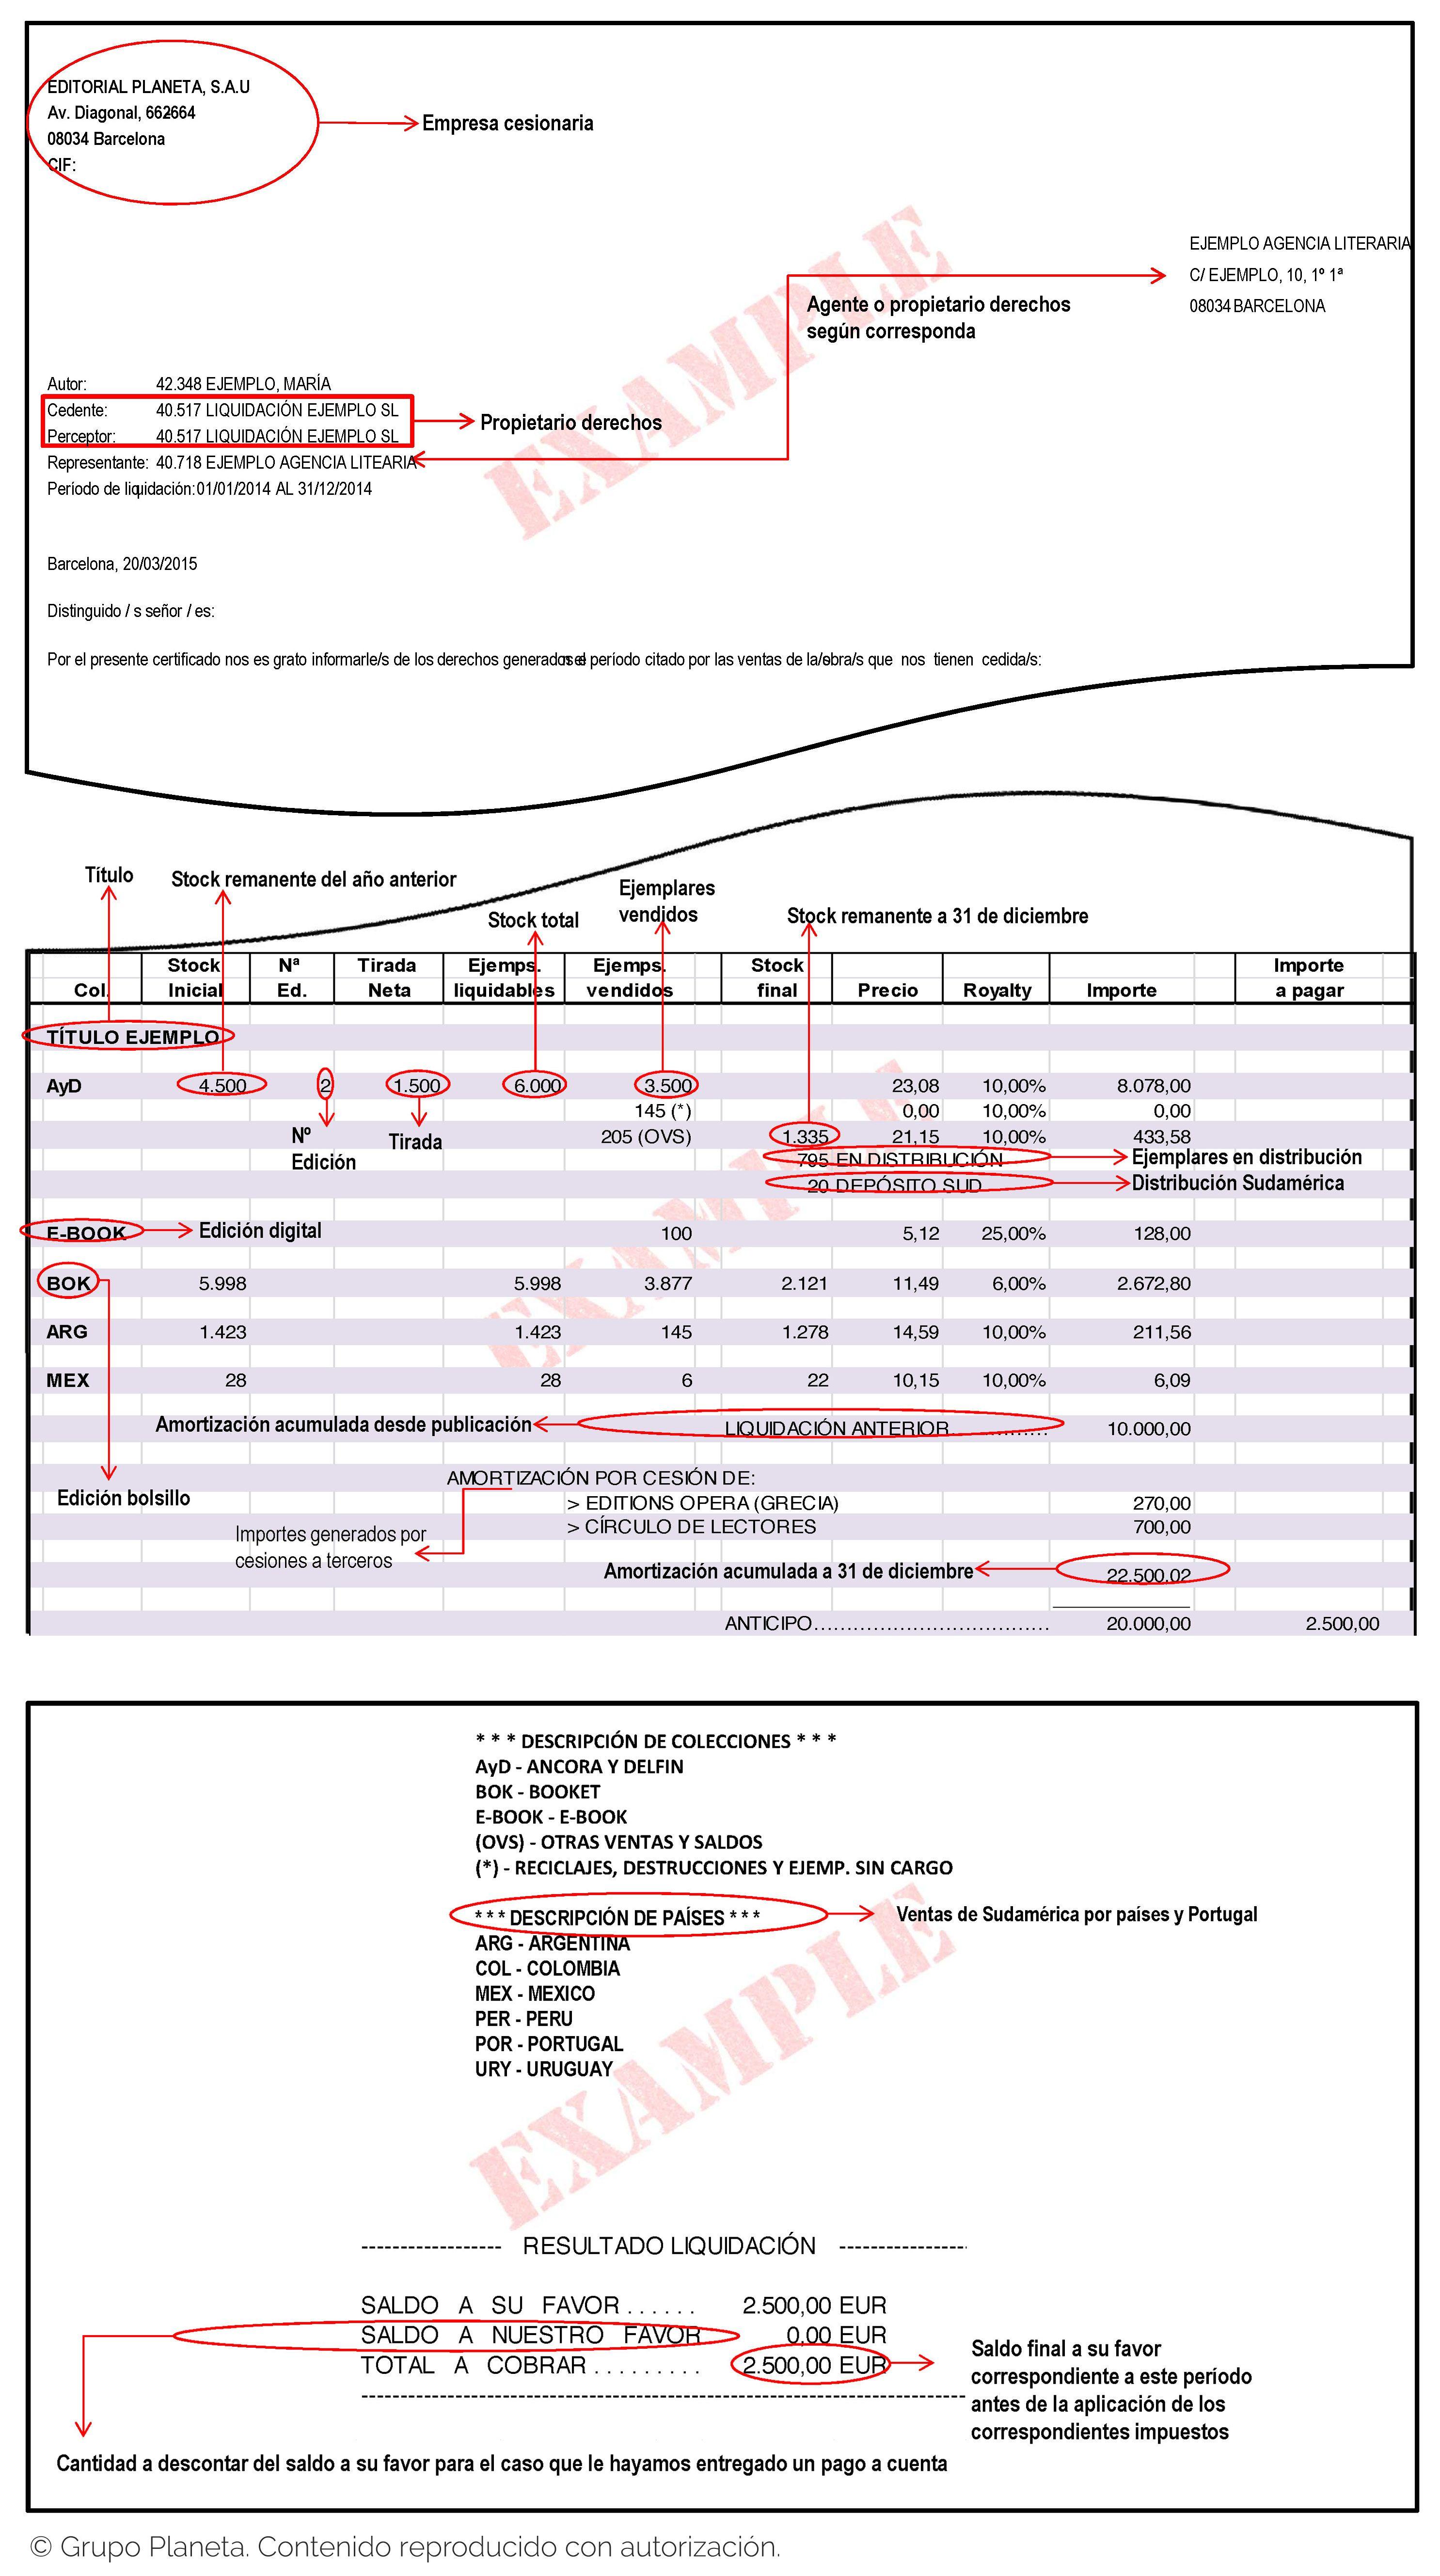 Guía de liquidación que grupo Planeta envía a sus autores. (Reproducido con autorización).